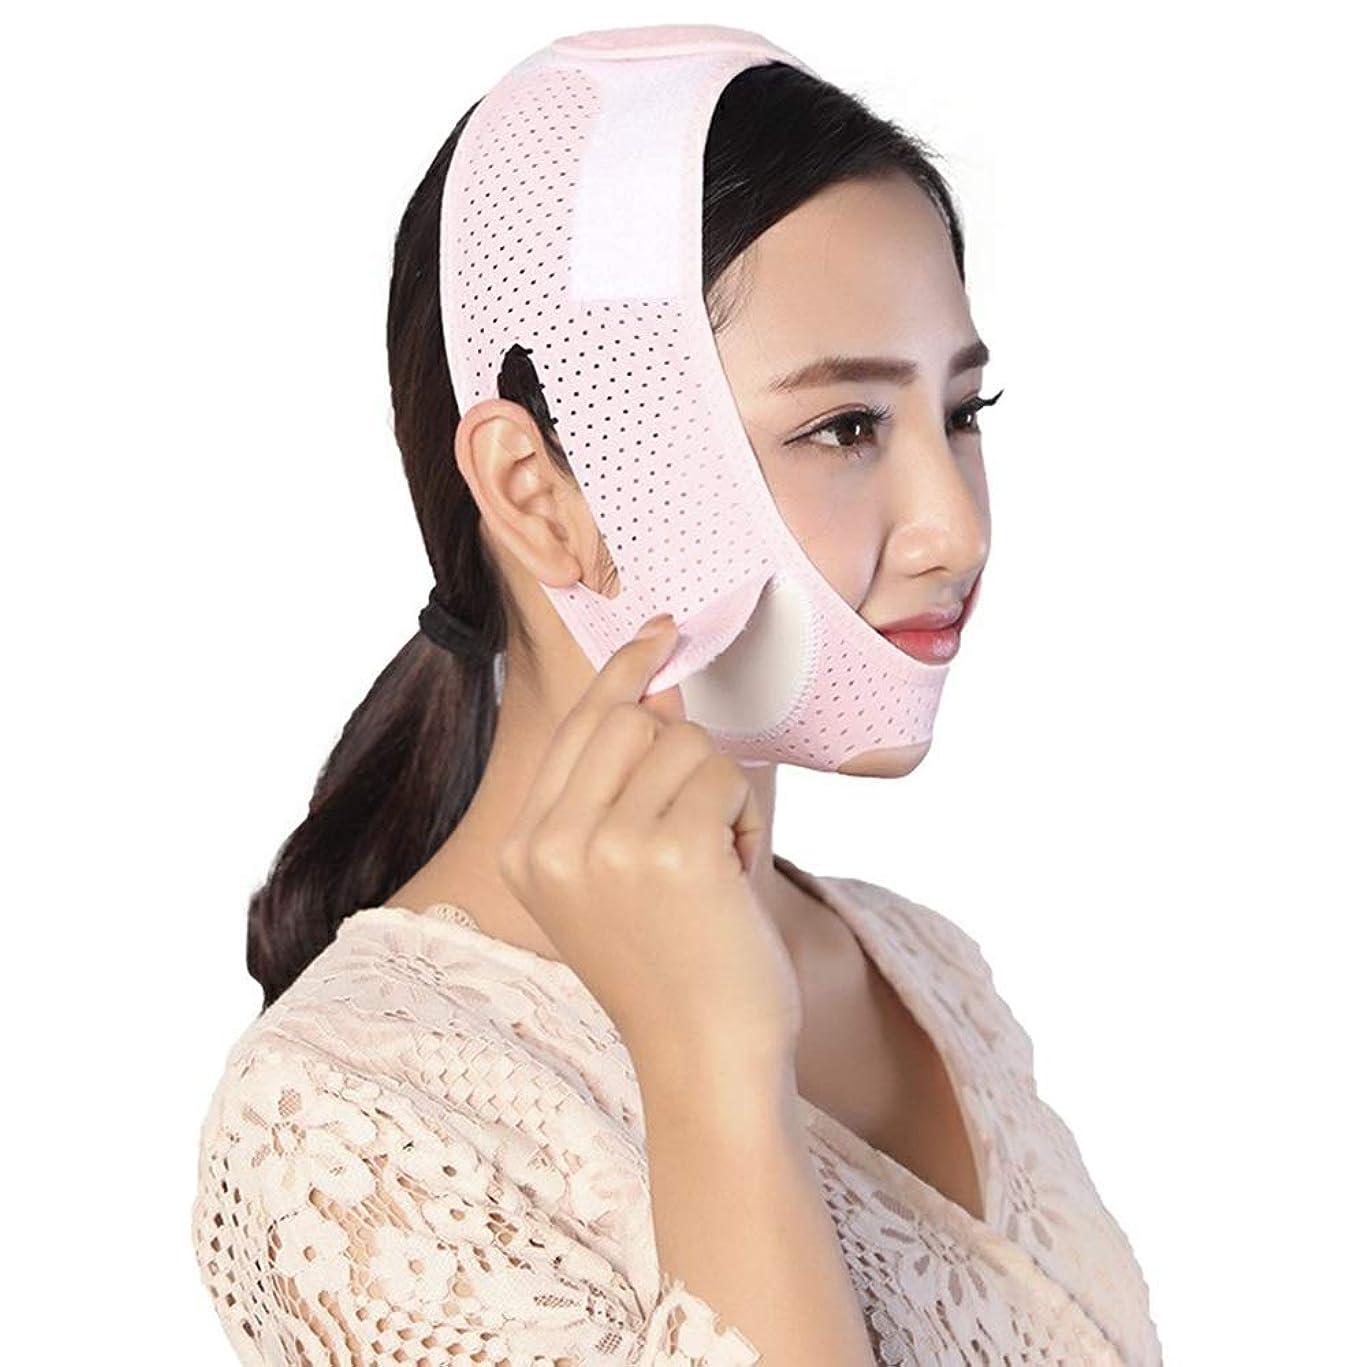 病者キロメートルむしろ薄い顔のバンド - 薄い顔の包帯は、ダブルの顎の法令Vをマスクするために持ち上げて睡眠マスクの通気